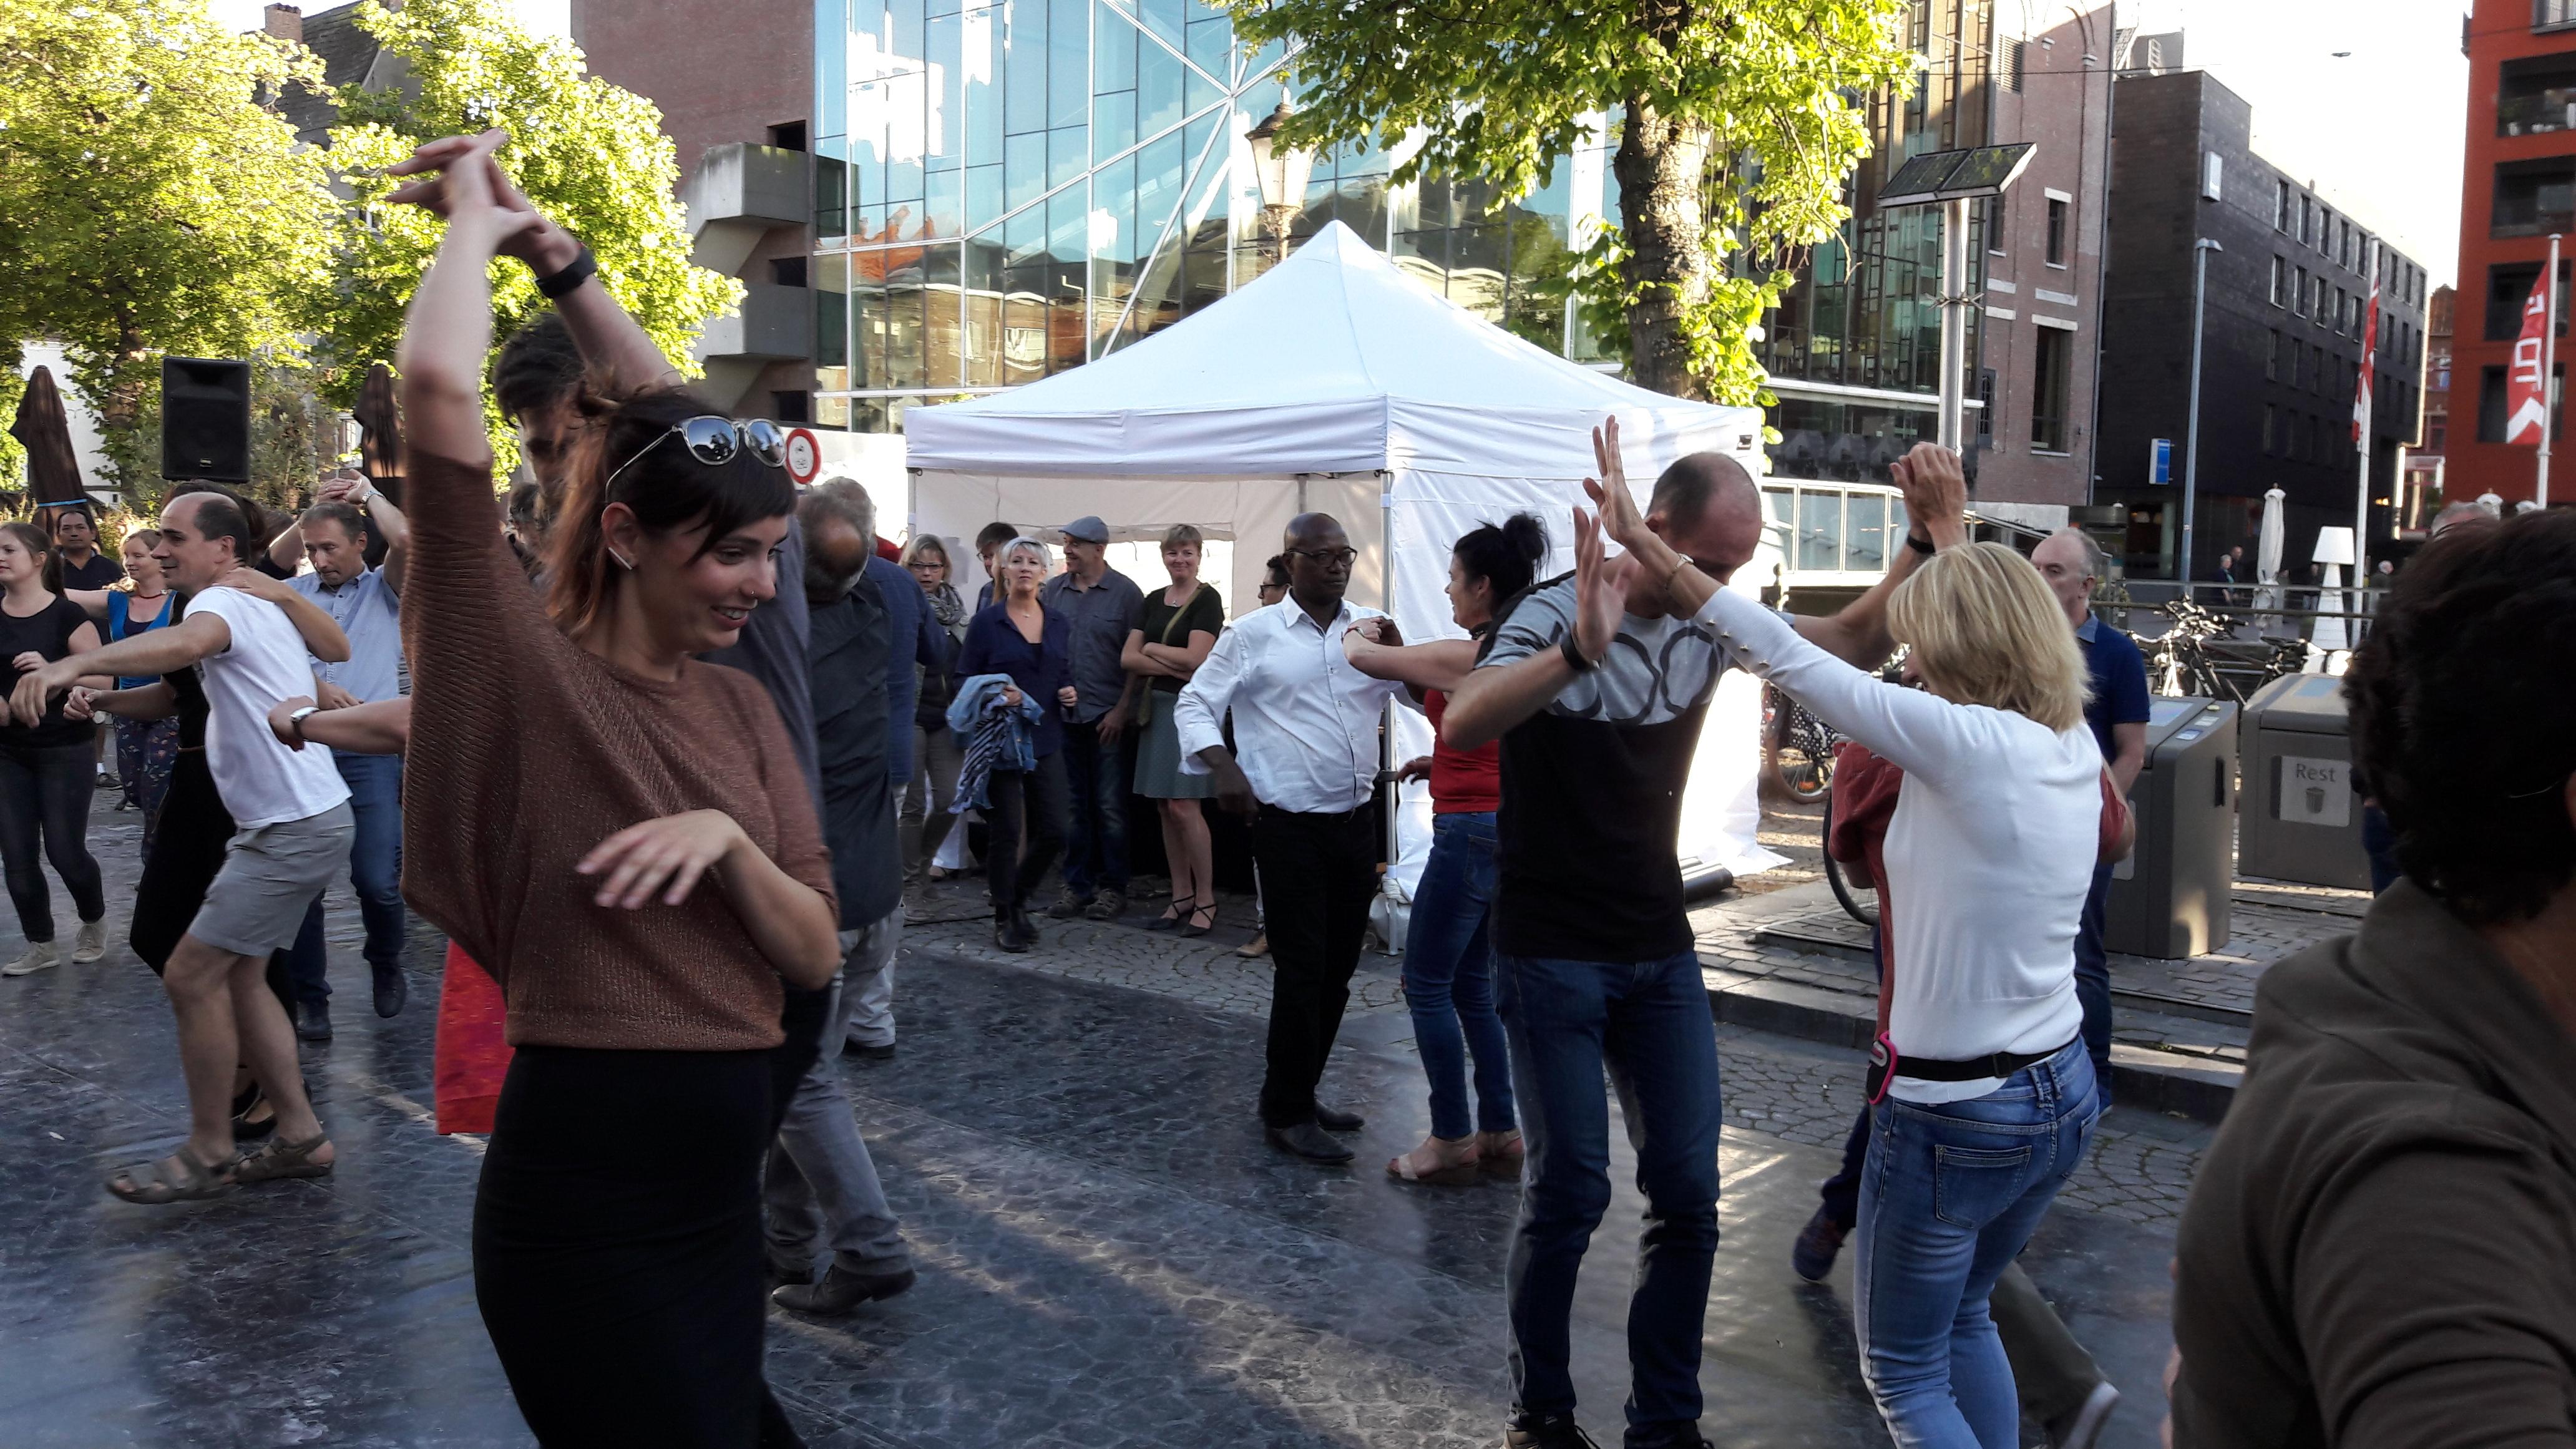 Tango Salsa Vismarkt Mechelen